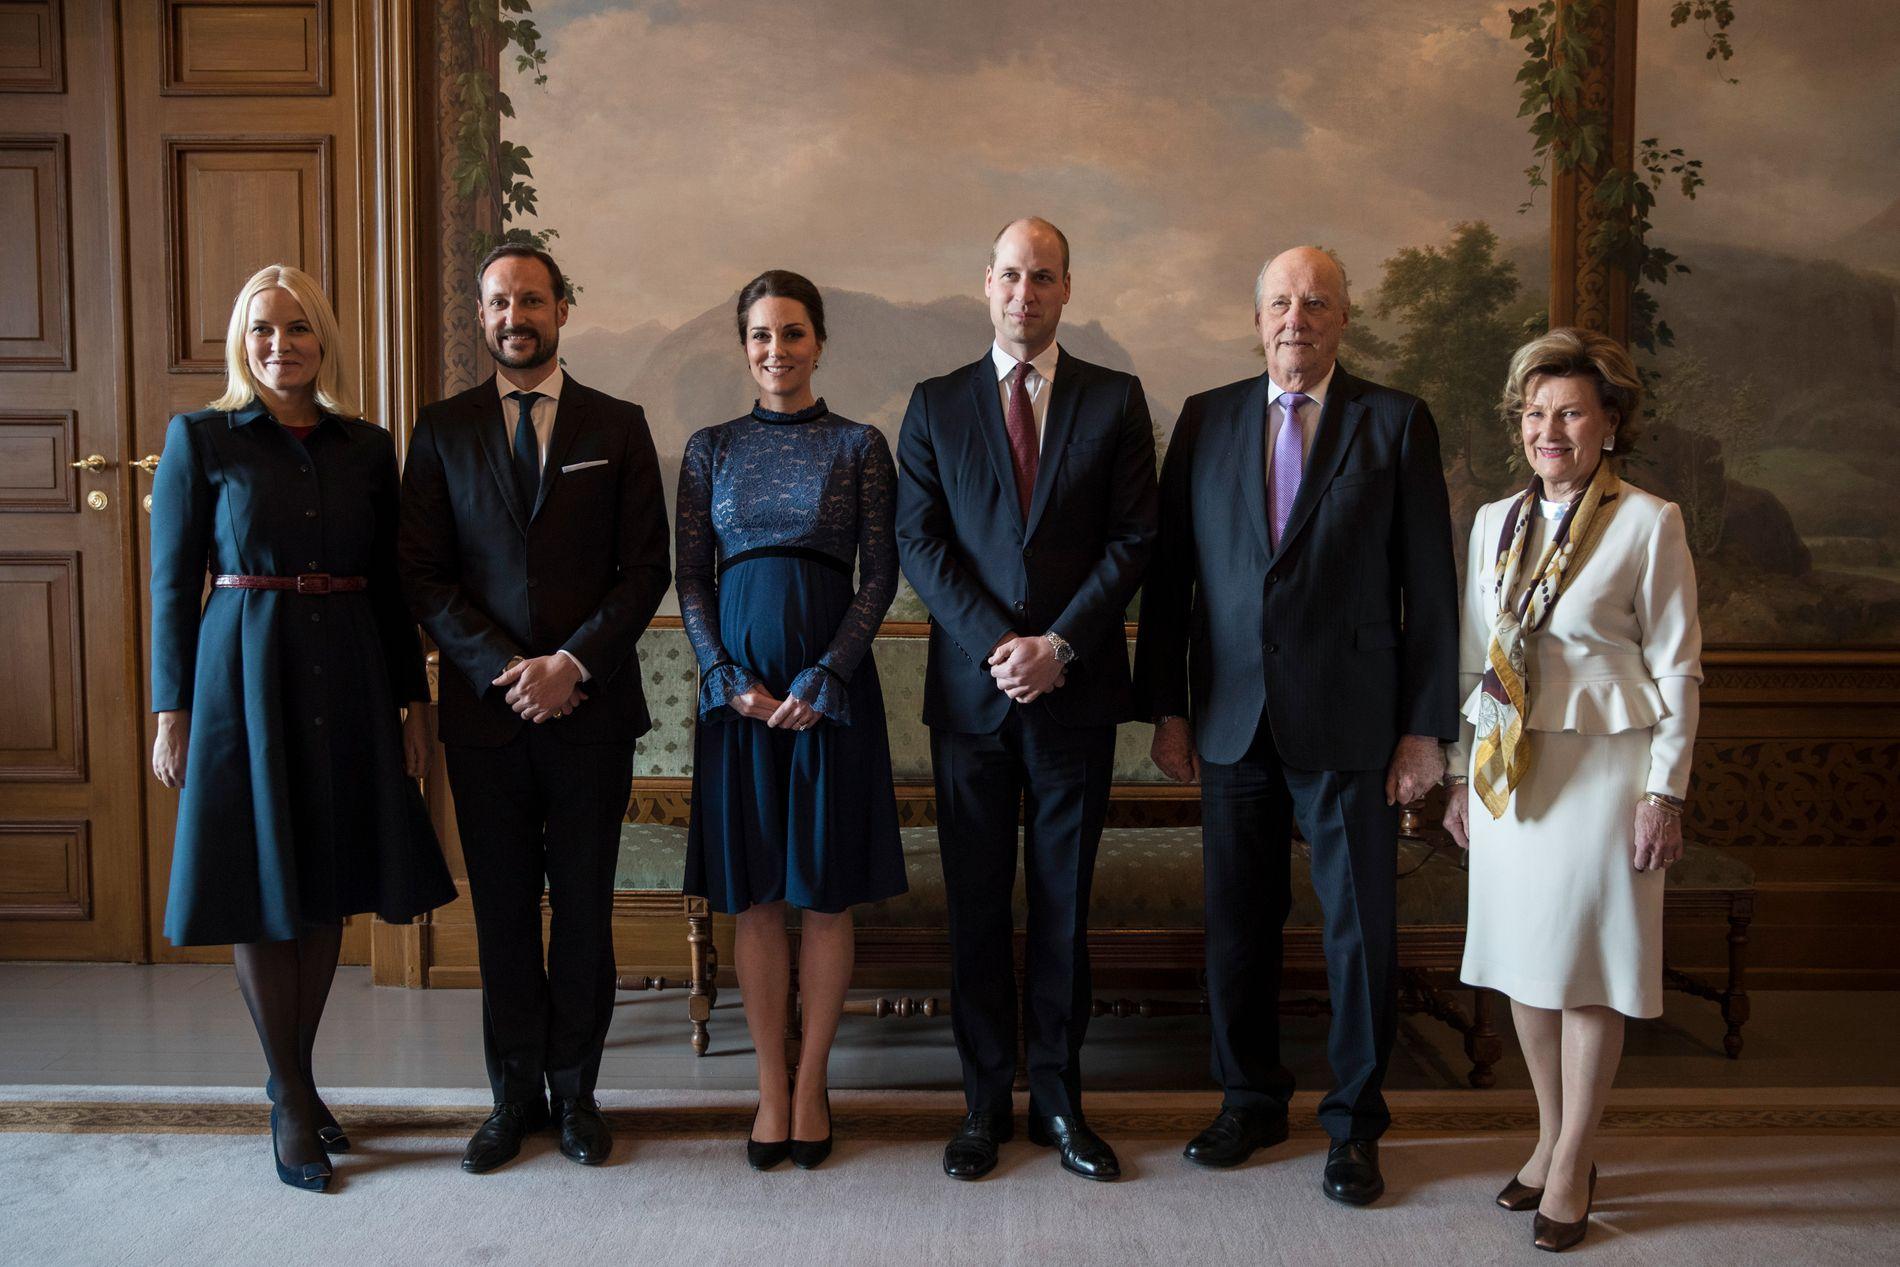 PÅ SLOTTET: Fellesfotografering med kongeparet og kronprinsparet.